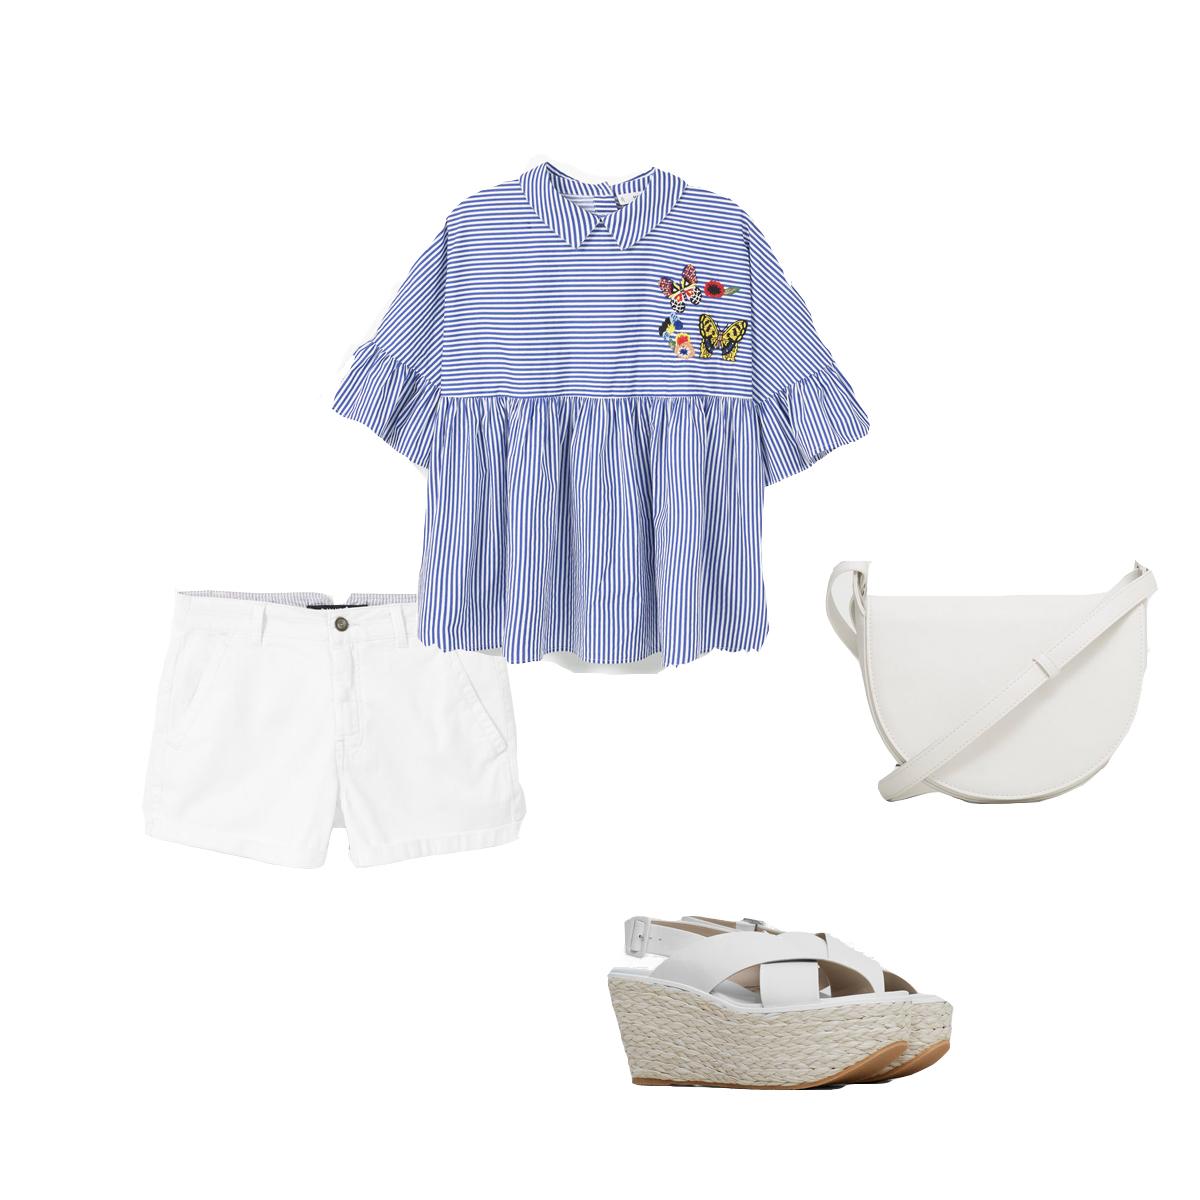 Look blusa rayas, volados, short blanco